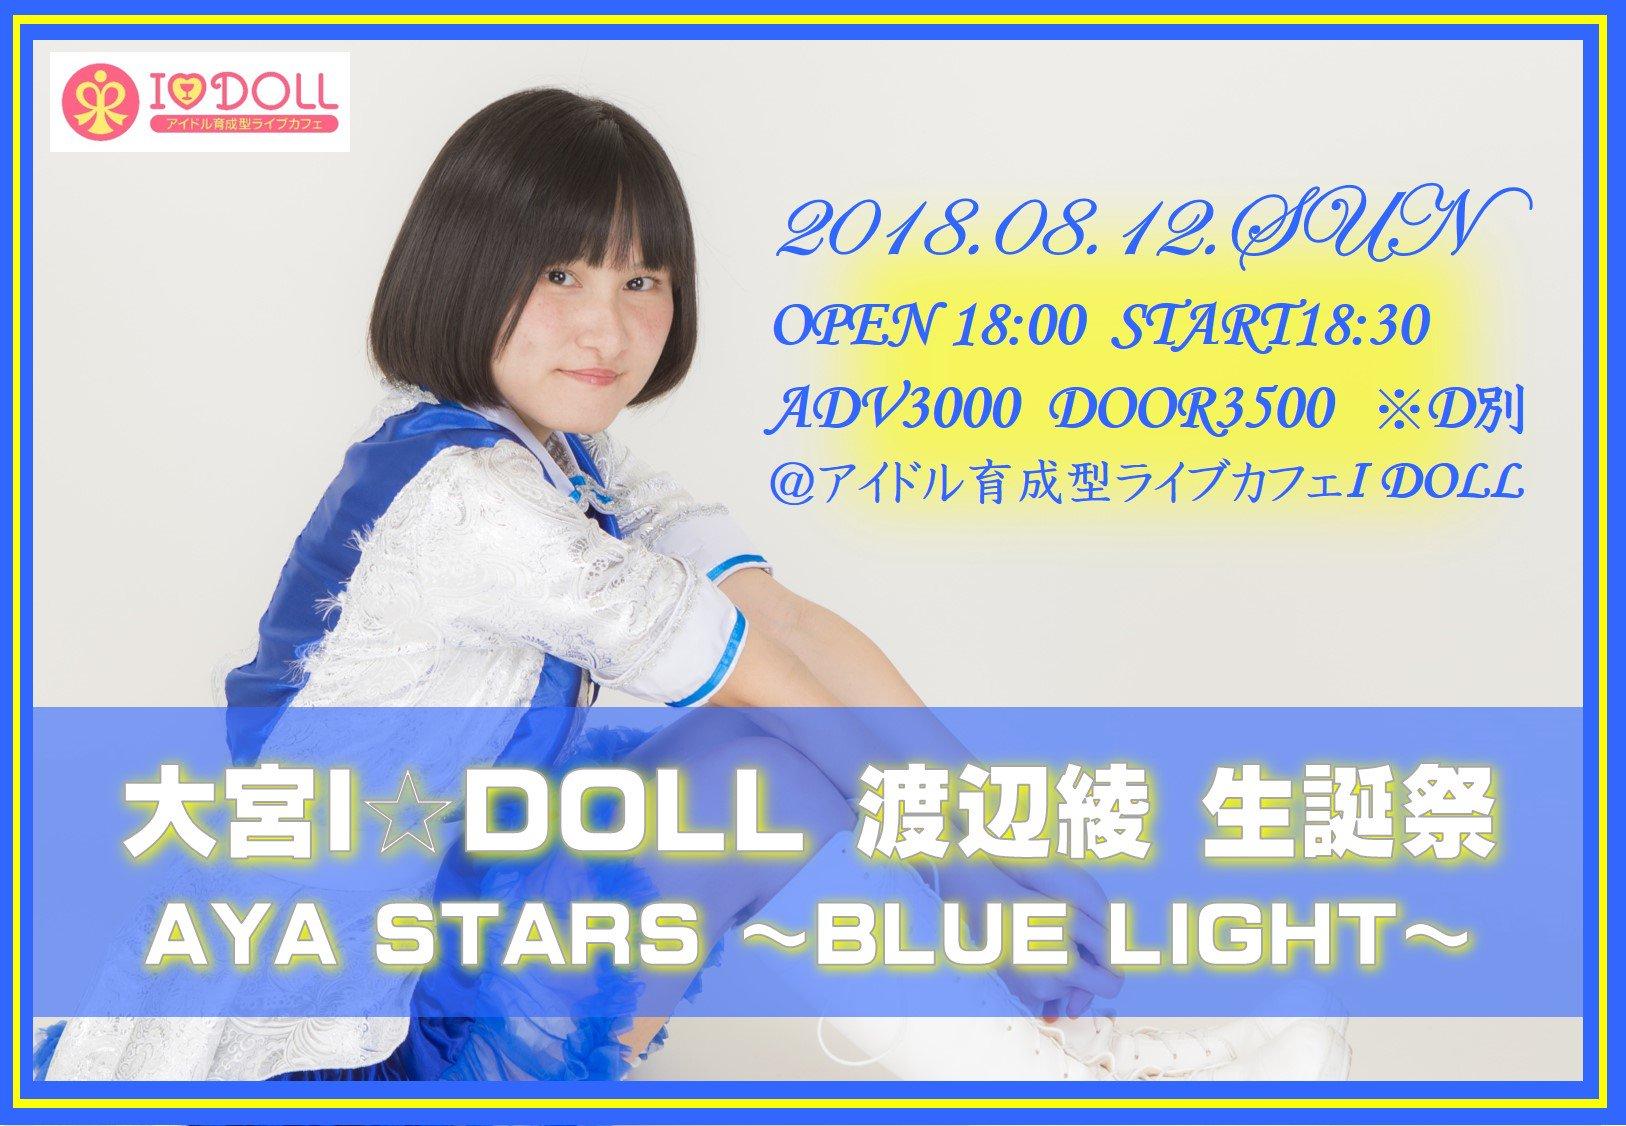 idoll_omiya_2018-7月-11